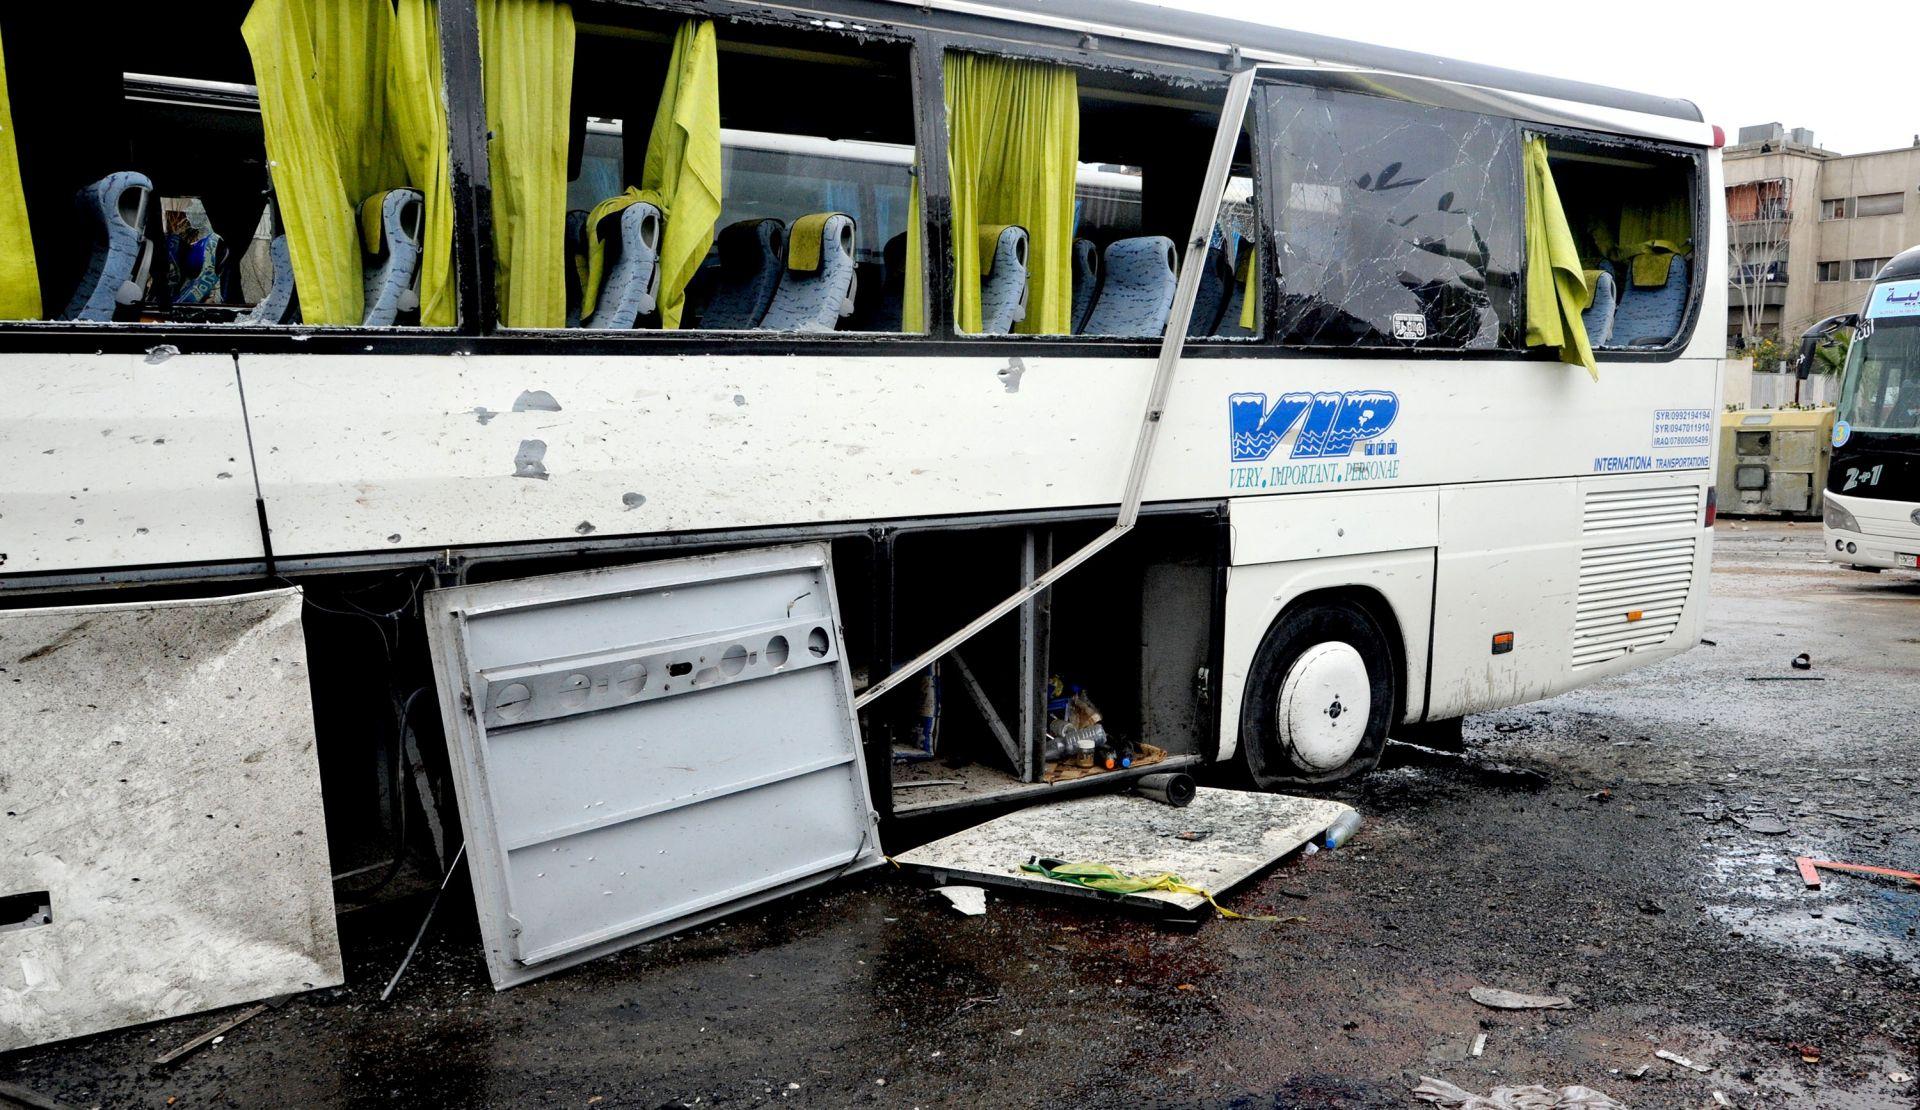 Sirijski savez džihadista preuzeo odgovornost za dvostruki napad u Damasku